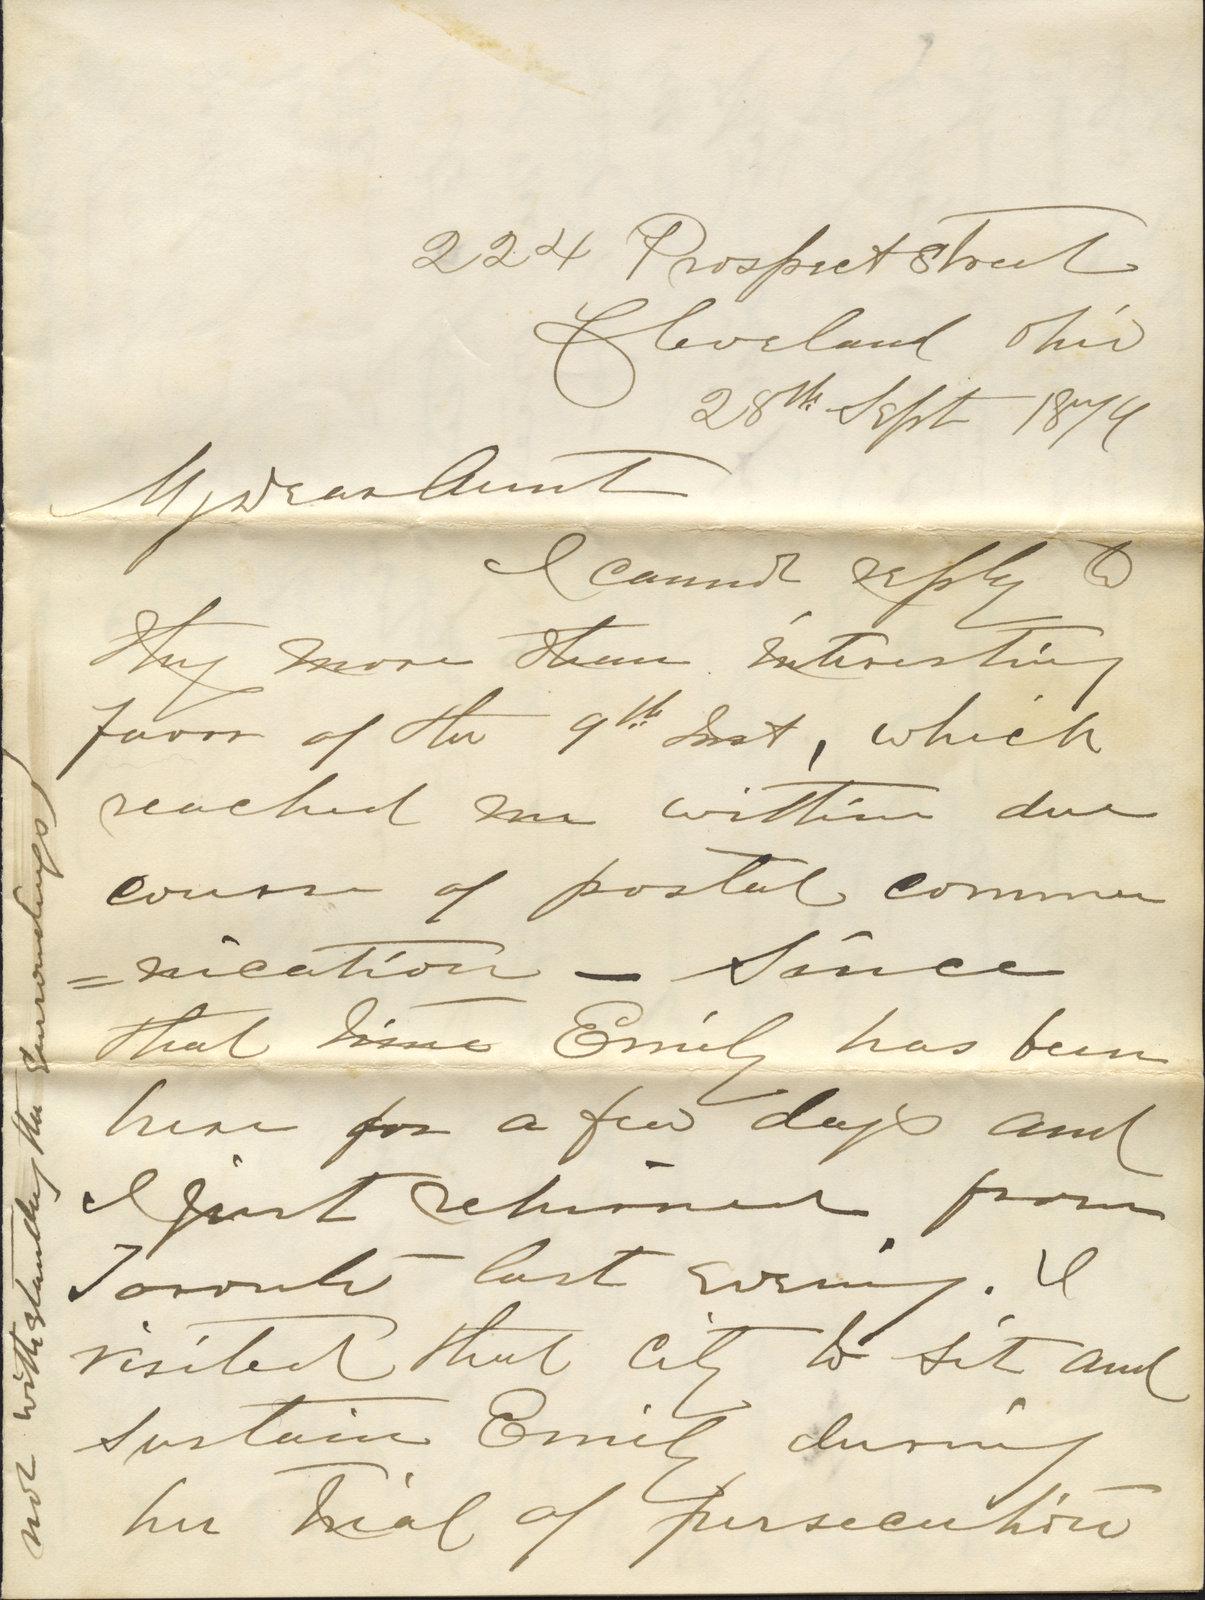 Letter from Cornelia Lossing Tilden to Augusta M. Marshall, September 28, 1879